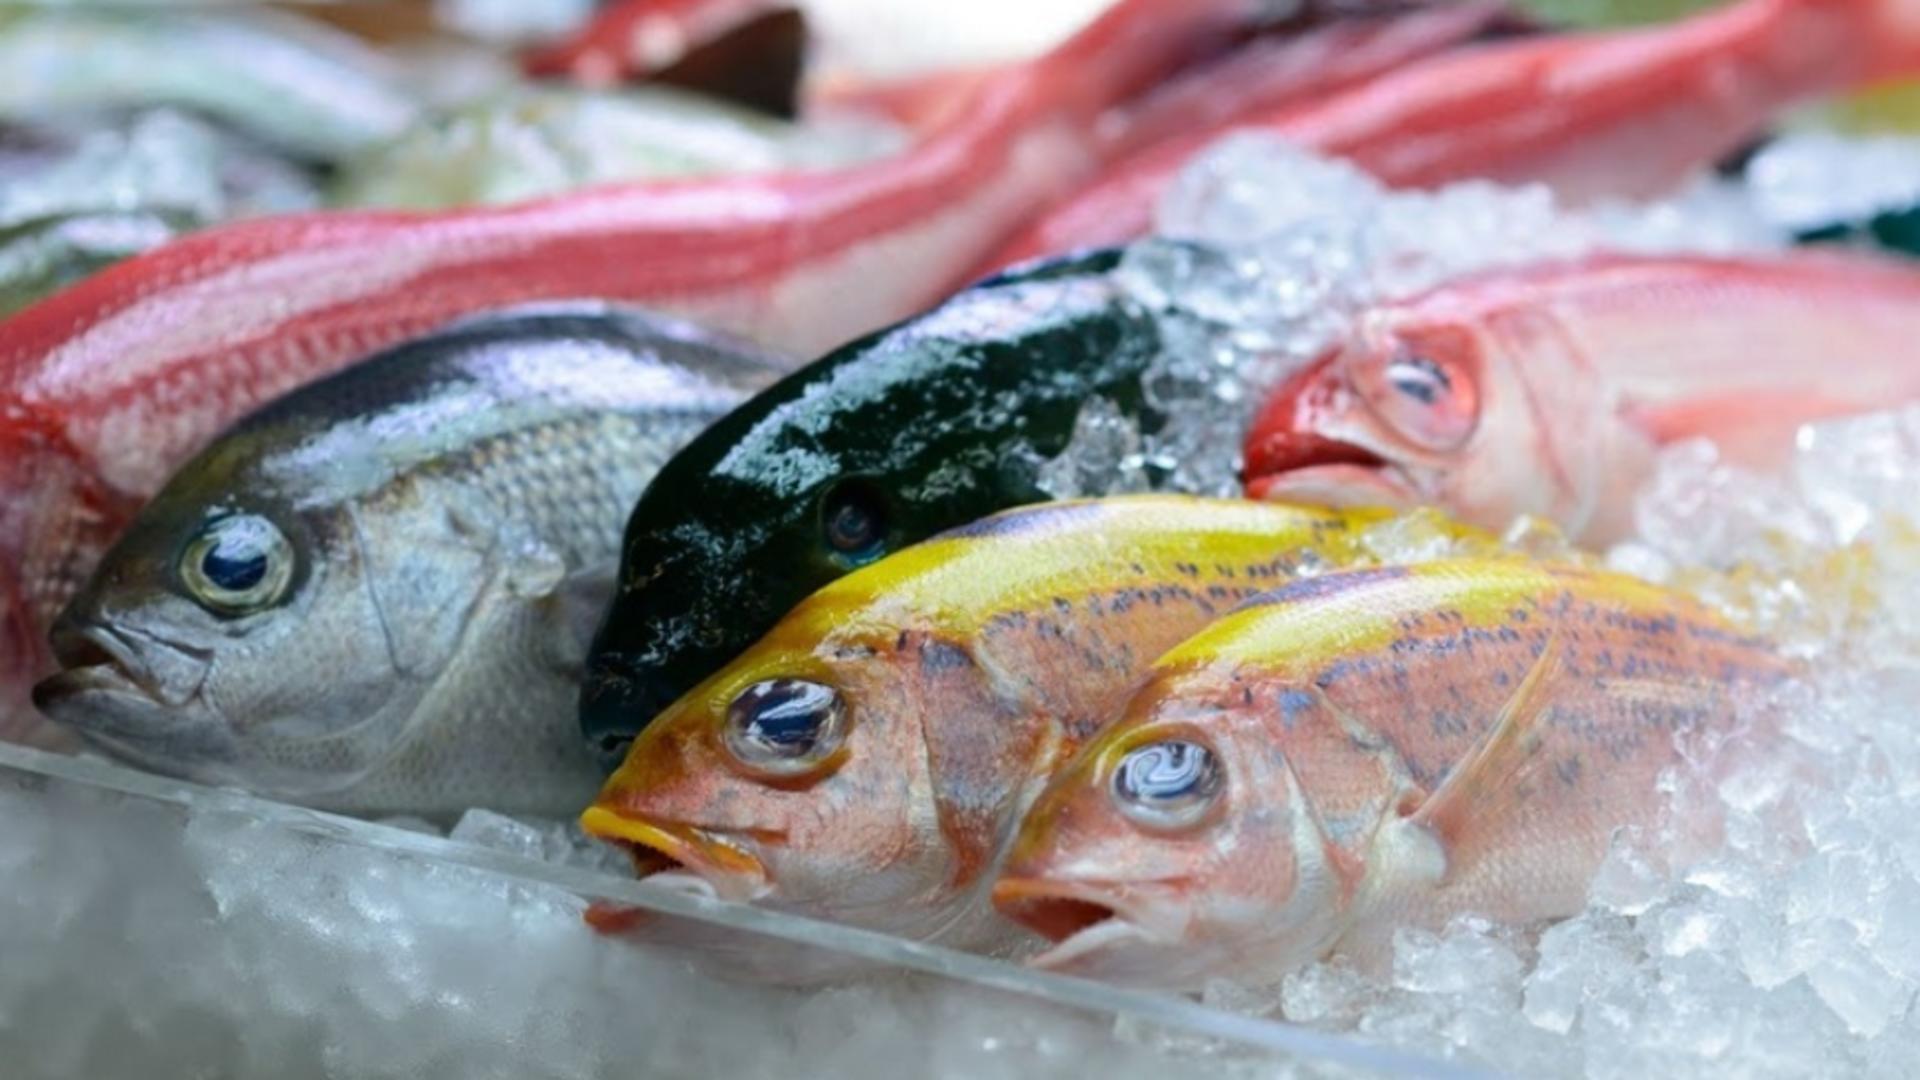 Autoritățile au găsit cantități mari de pește dăunător pentru consumul uman chiar în hypermarket-uri